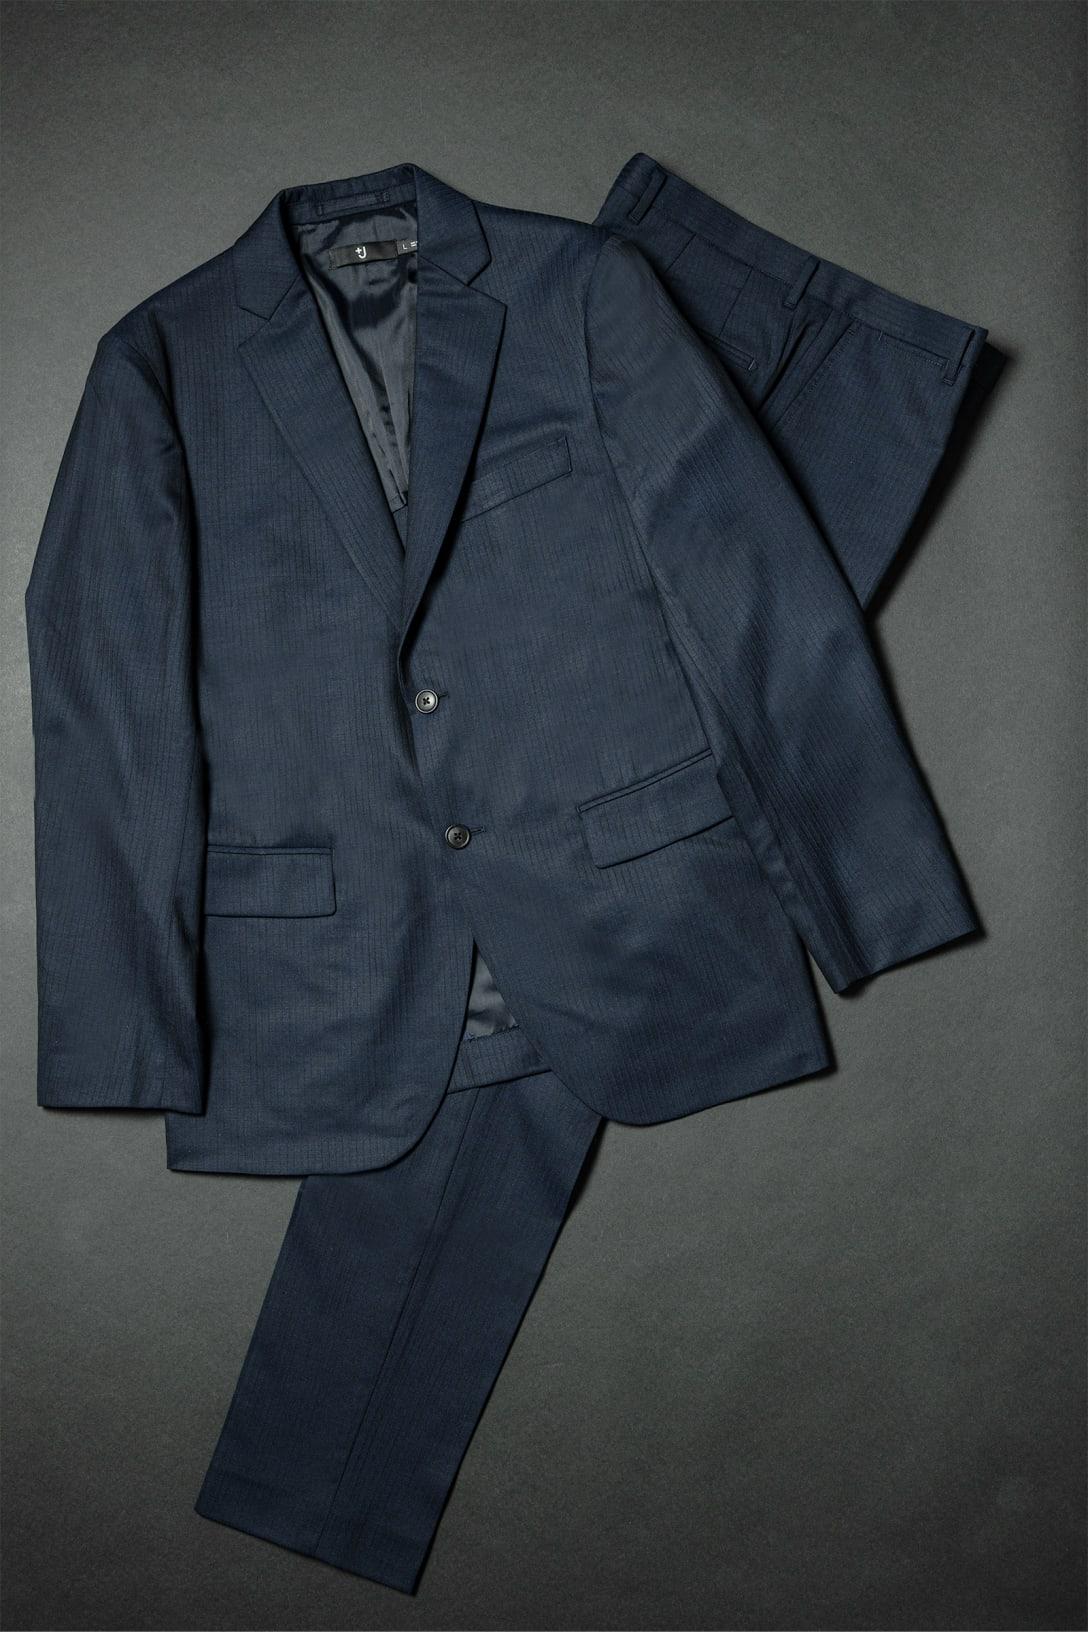 ウールテーラードジャケット(1万7900円)&ウールスリムフィットパンツ(9990円)※価格はいずれも税込